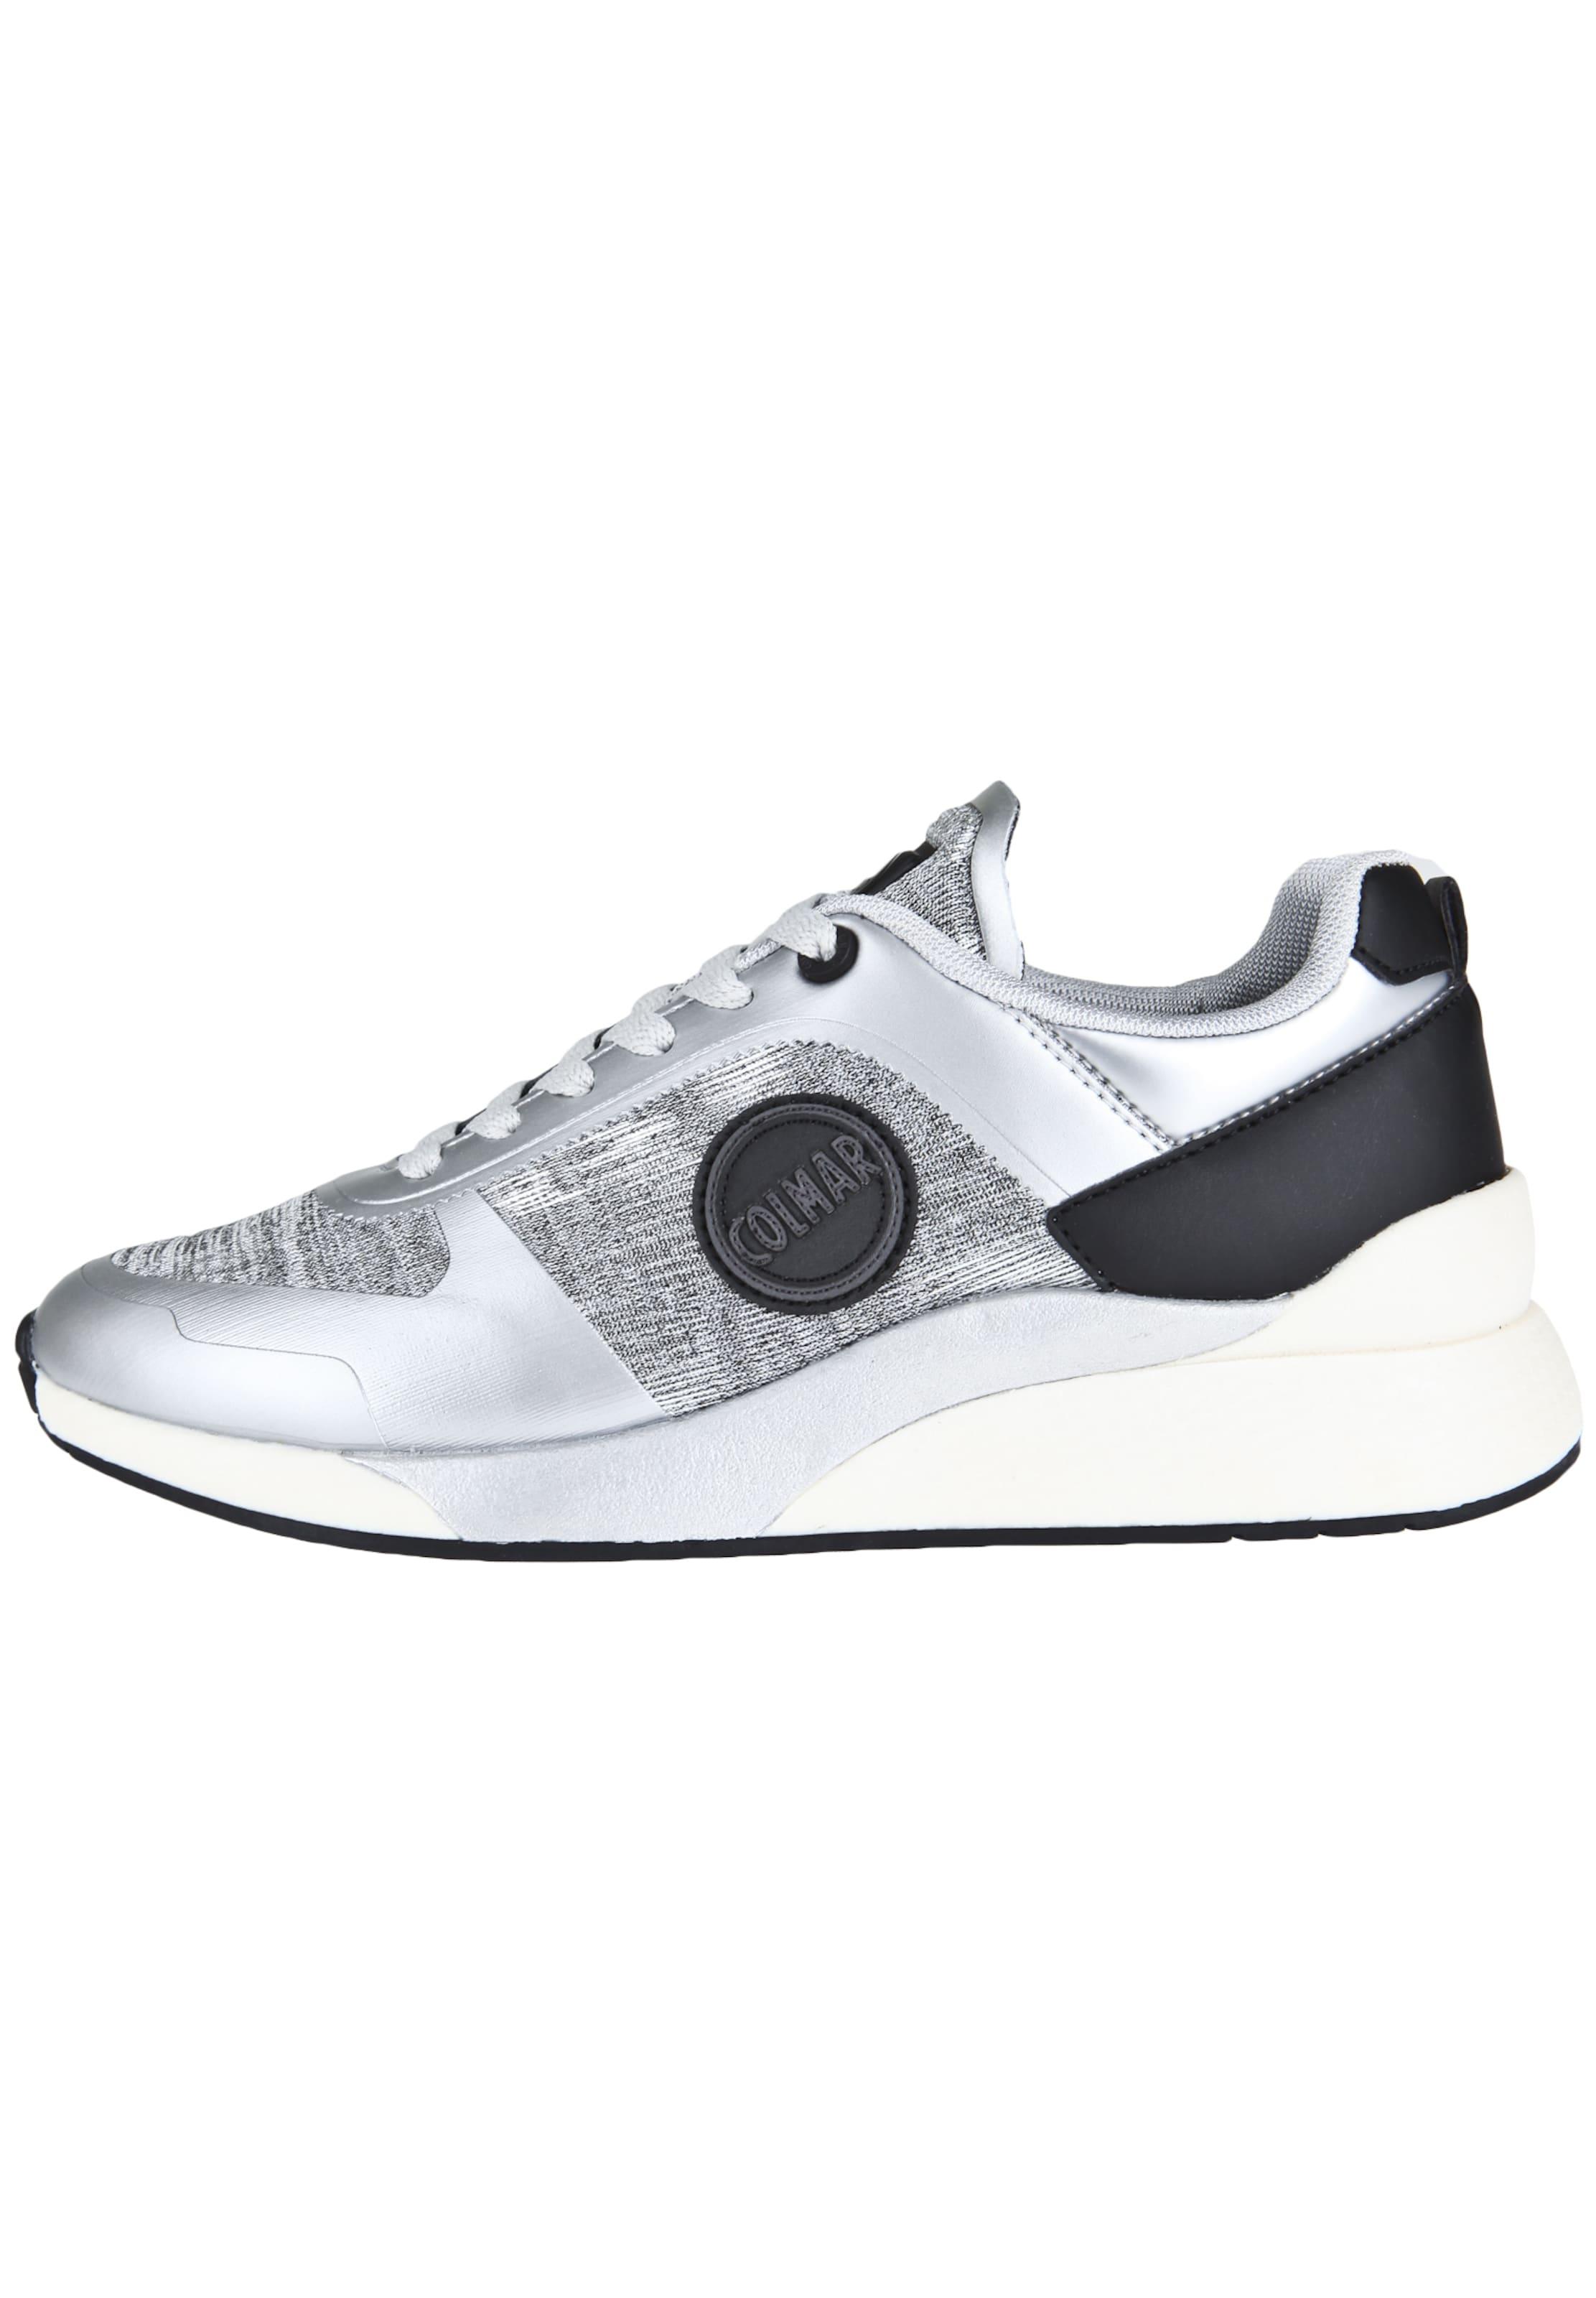 Silber Unika' In Sneaker GraumeliertSchwarz Colmar 'travis mNvywP80nO